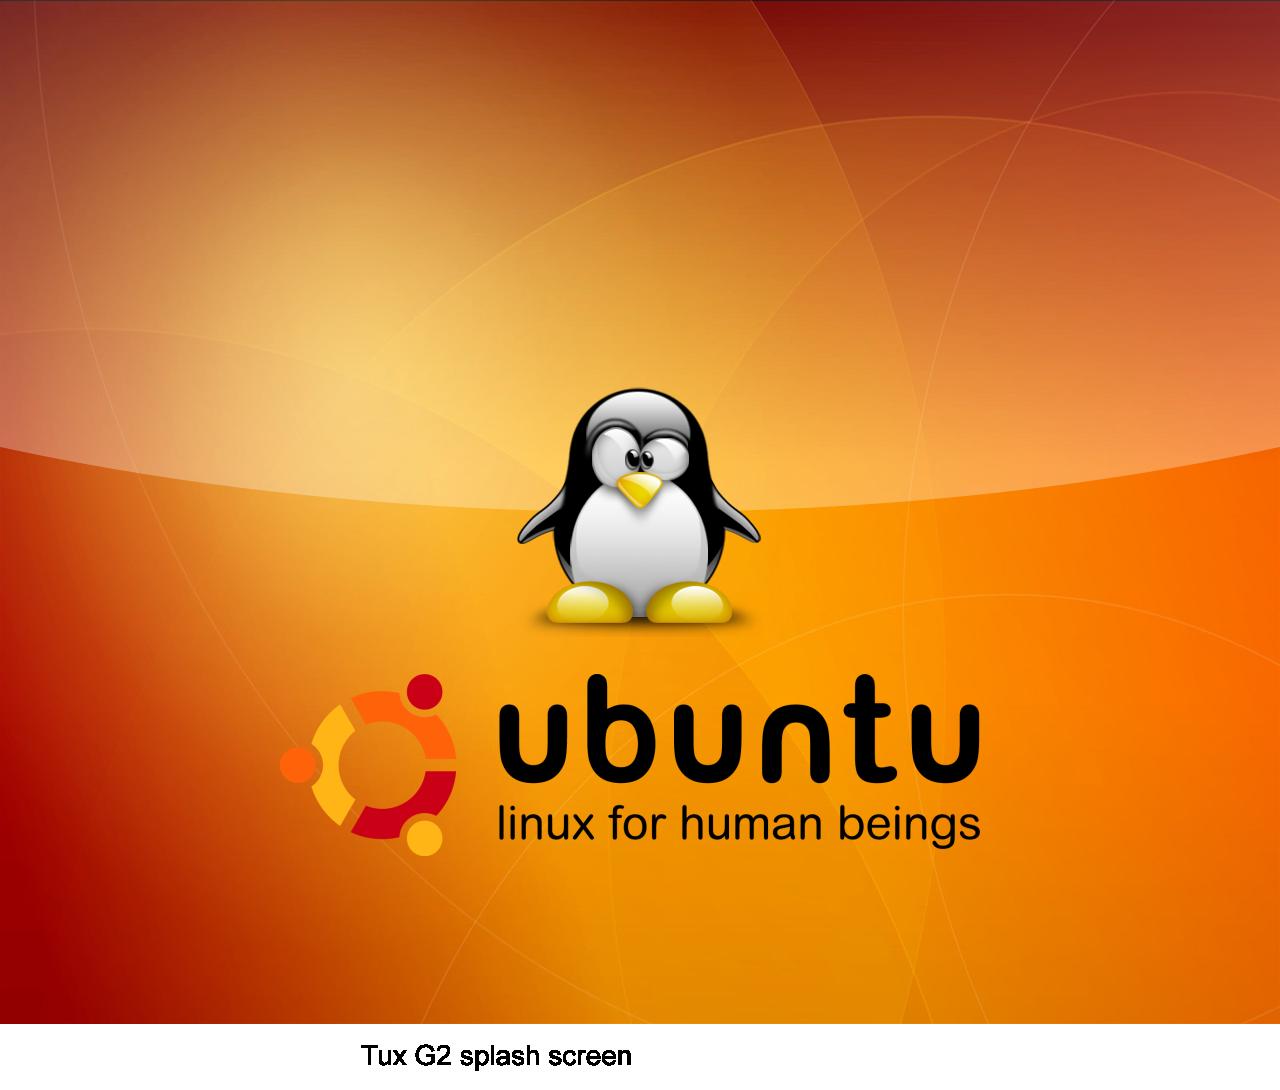 Linux Ubuntu Wallpapers 1280x1090